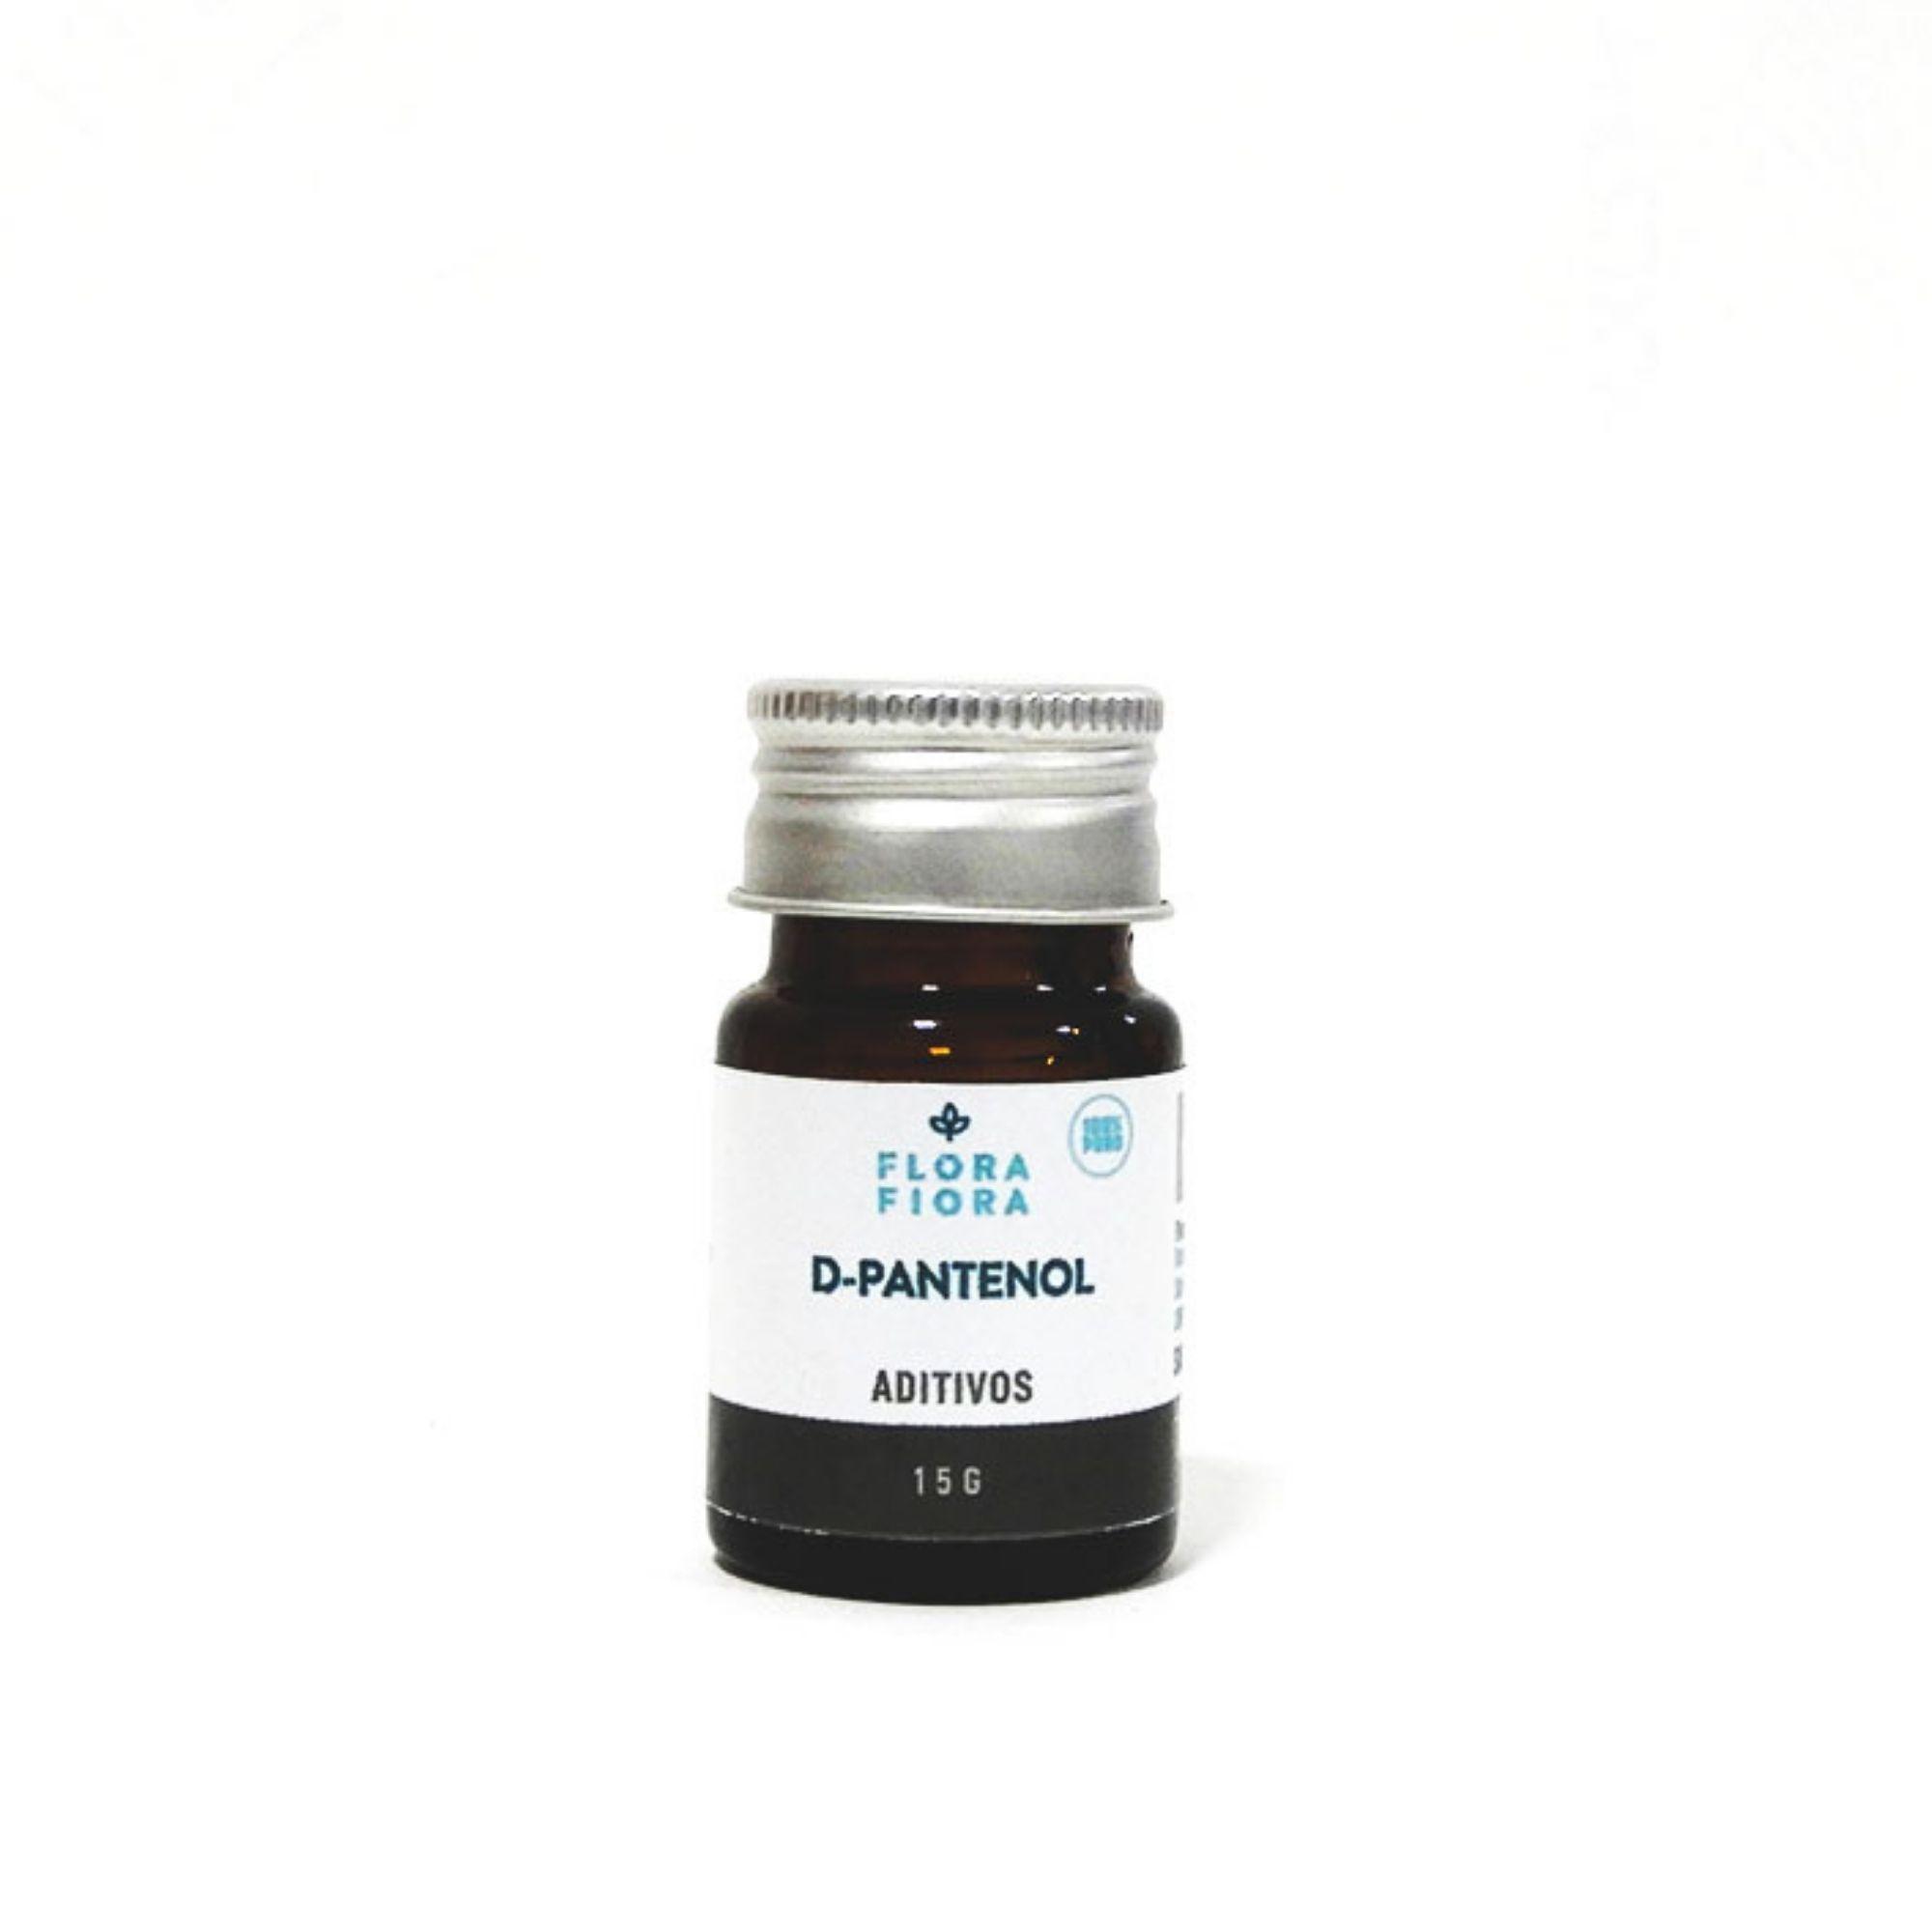 D-Pantenol - 15g  - Flora Fiora PRO